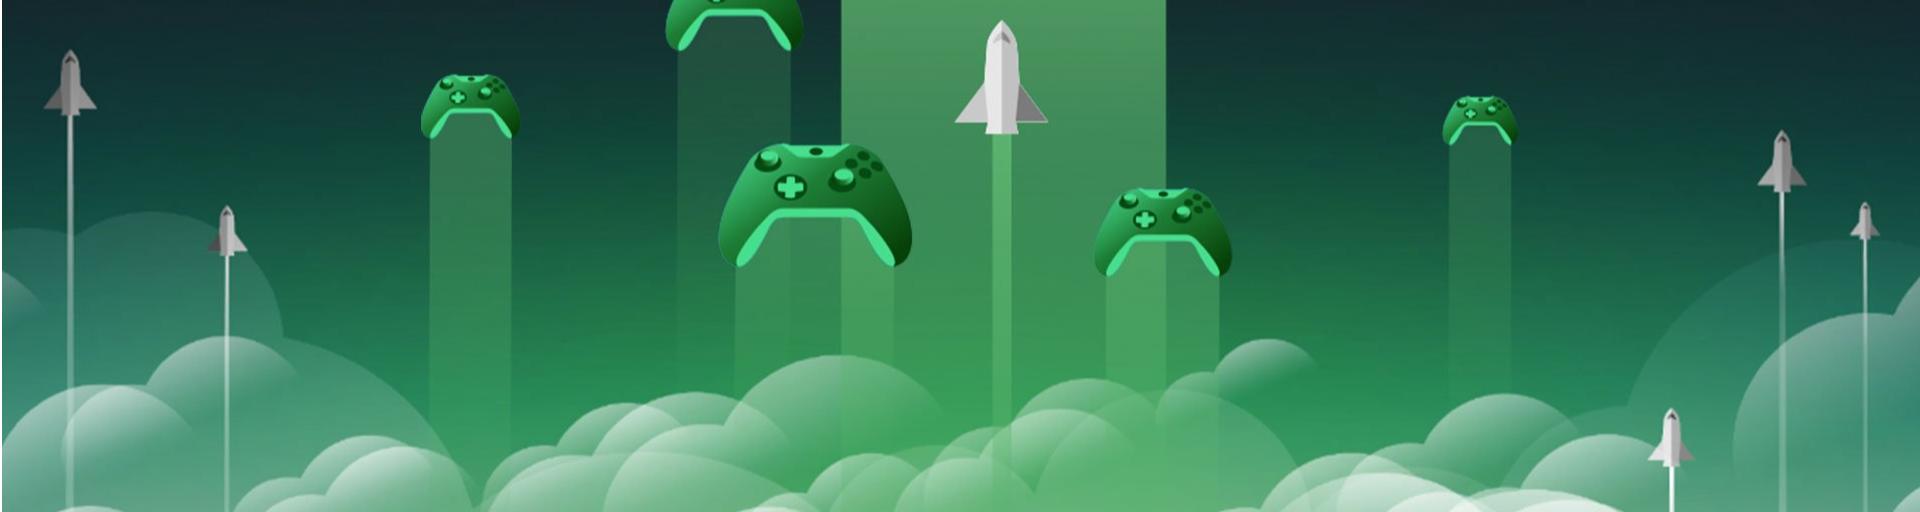 1 miesiąc subskrypcji Xbox Live bg